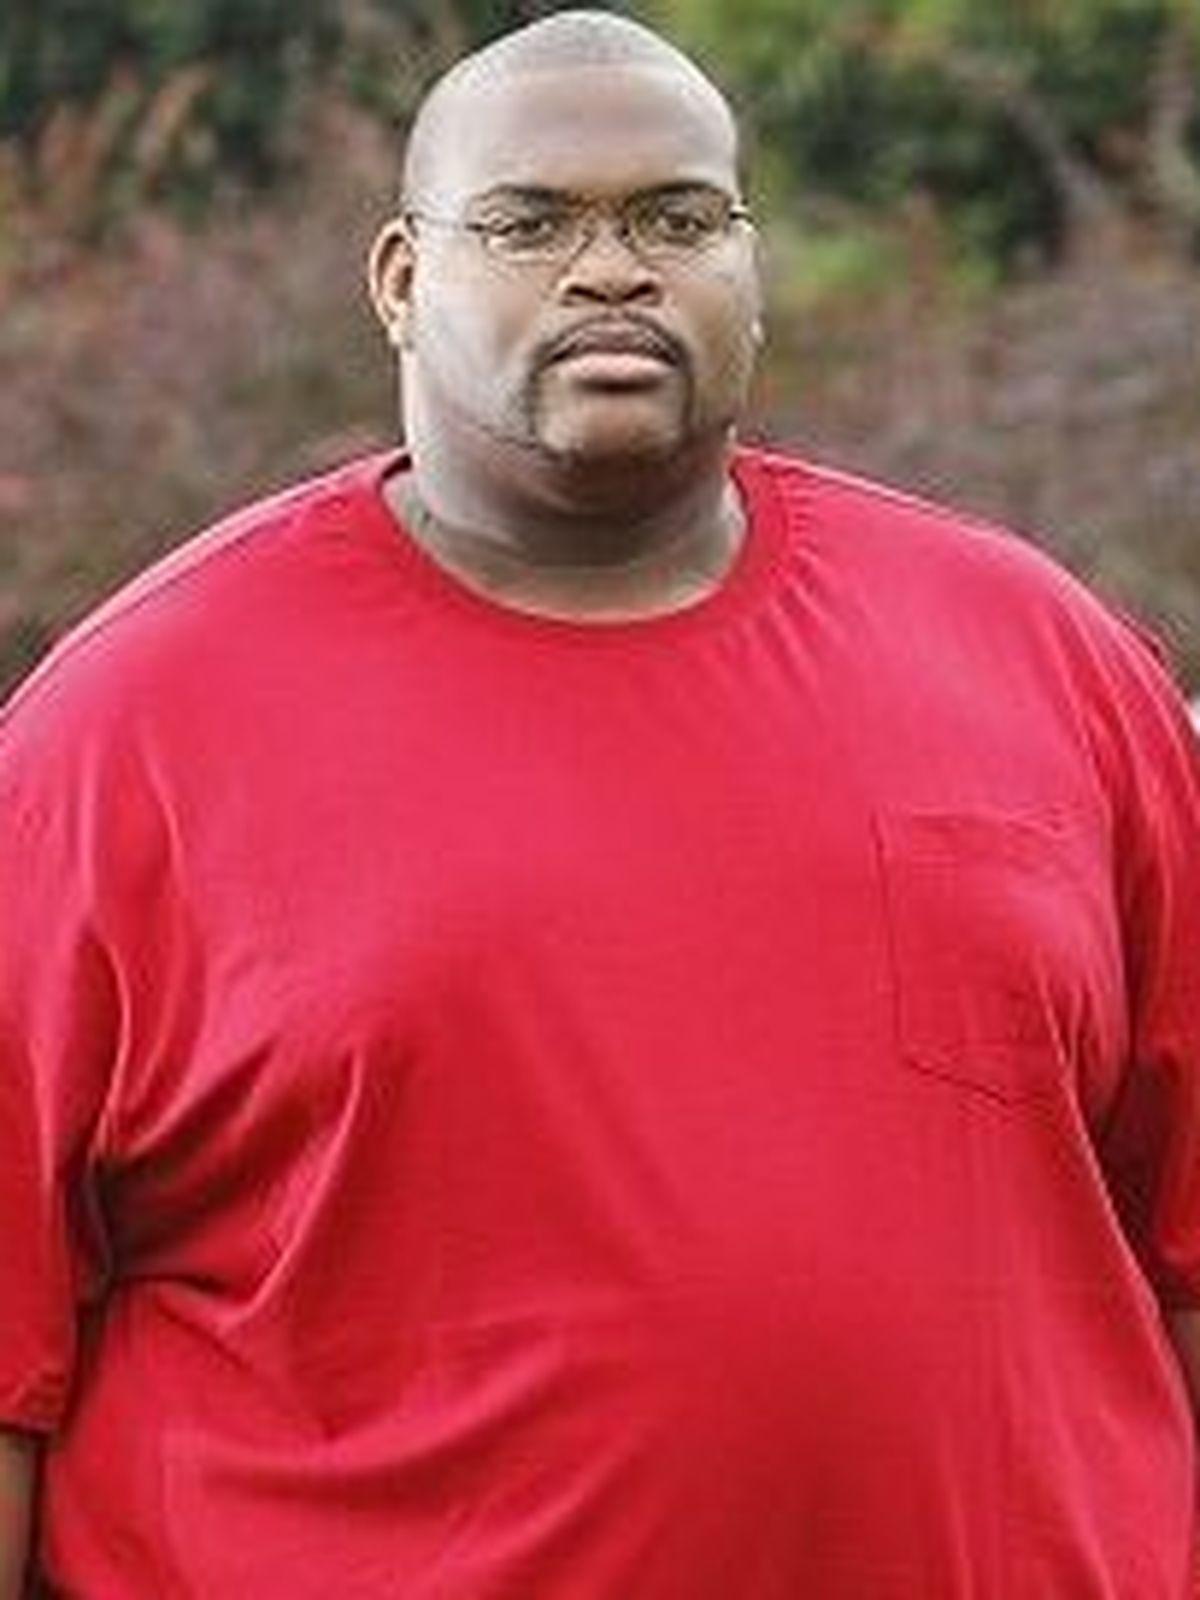 obez și disperat să slăbească